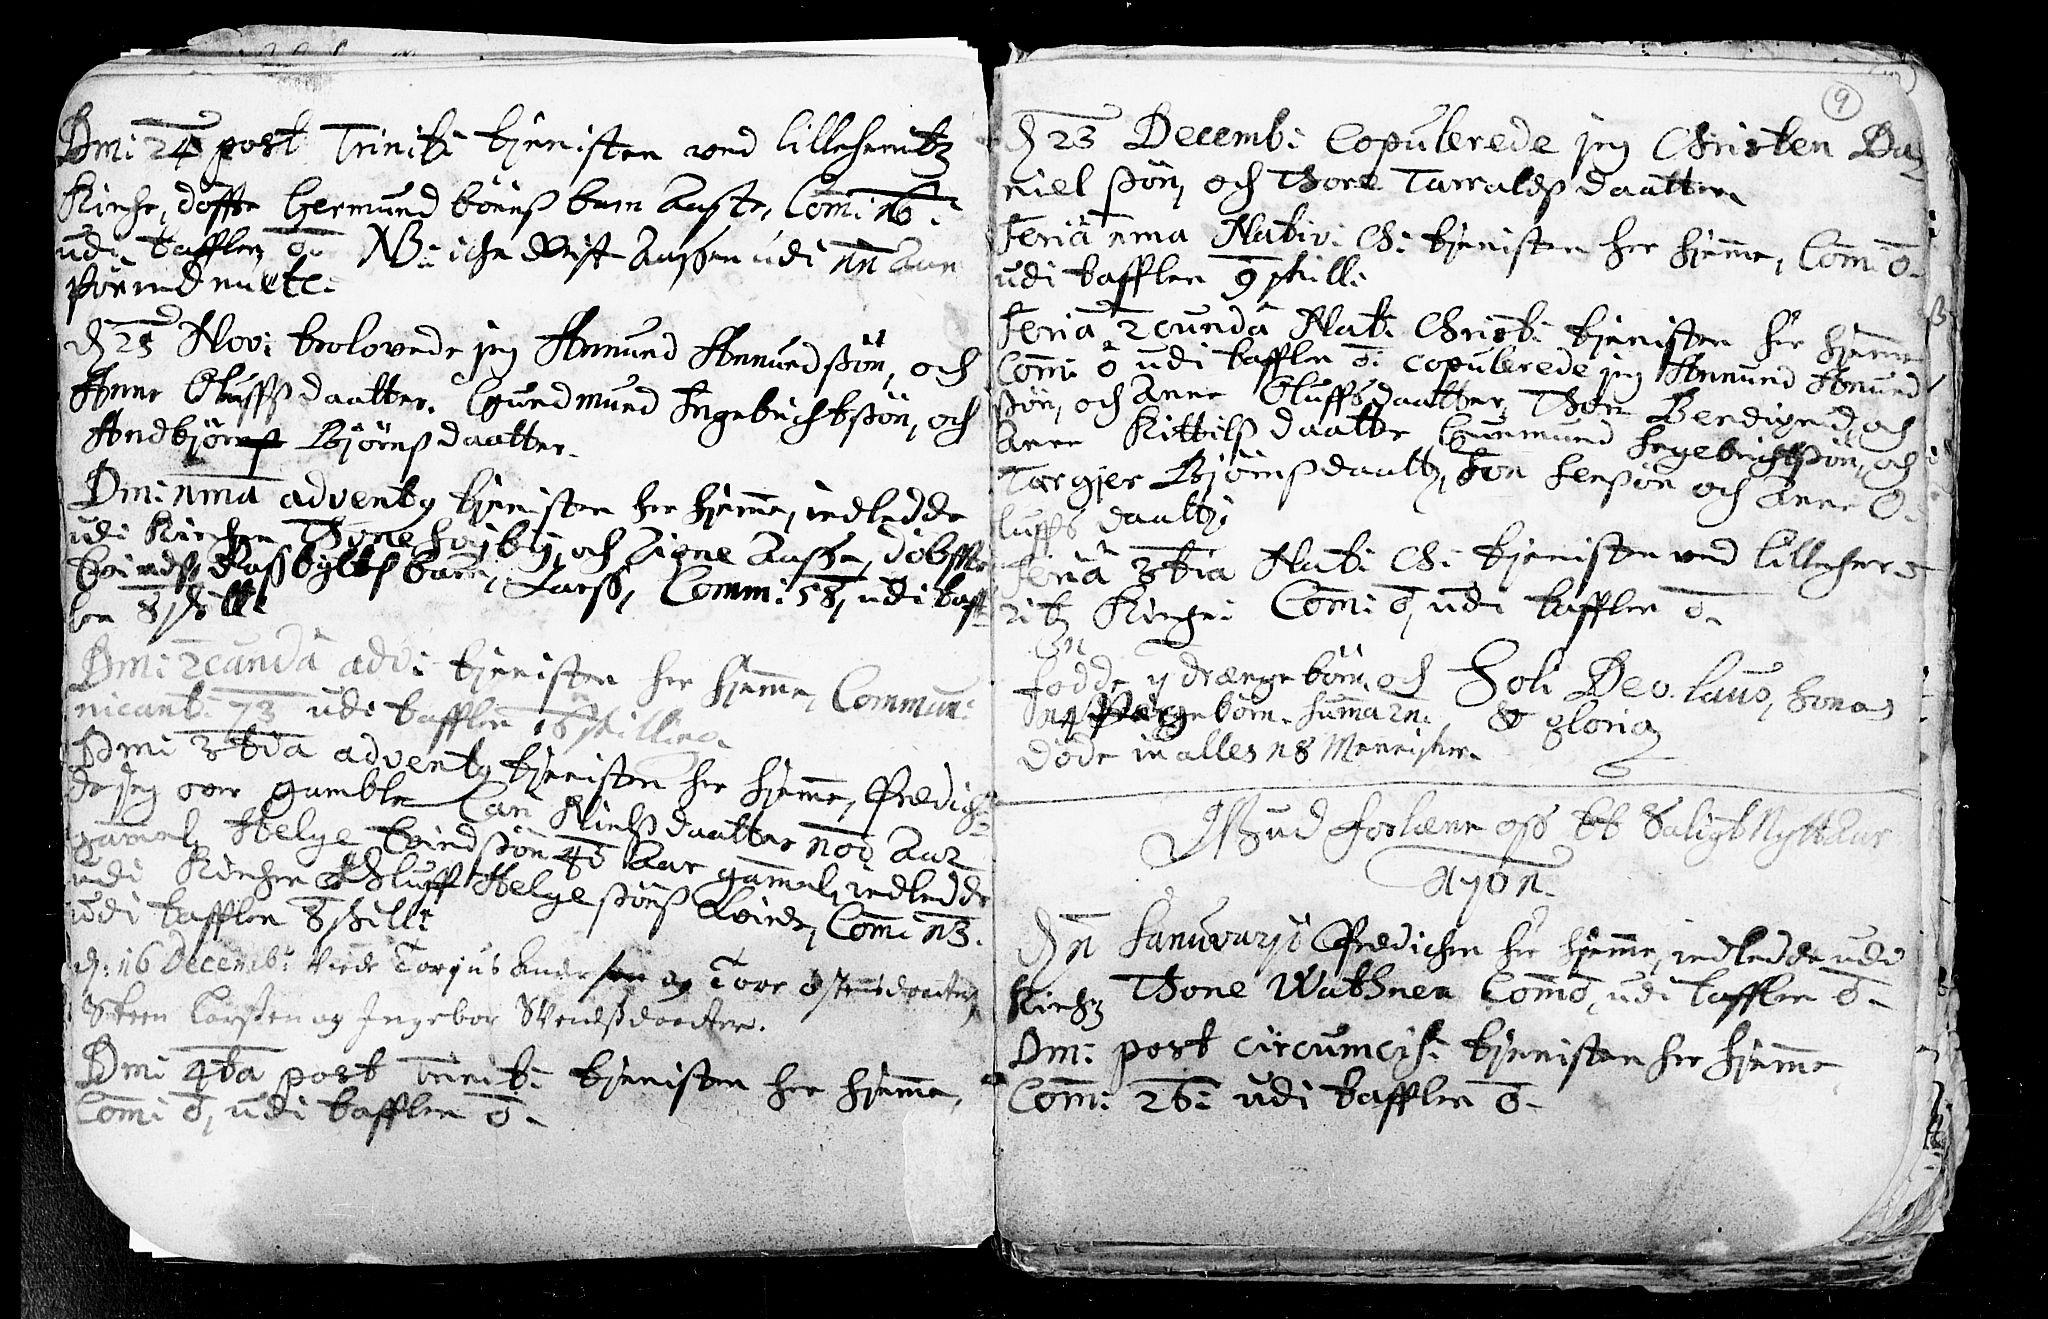 SAKO, Heddal kirkebøker, F/Fa/L0002: Ministerialbok nr. I 2, 1699-1722, s. 9